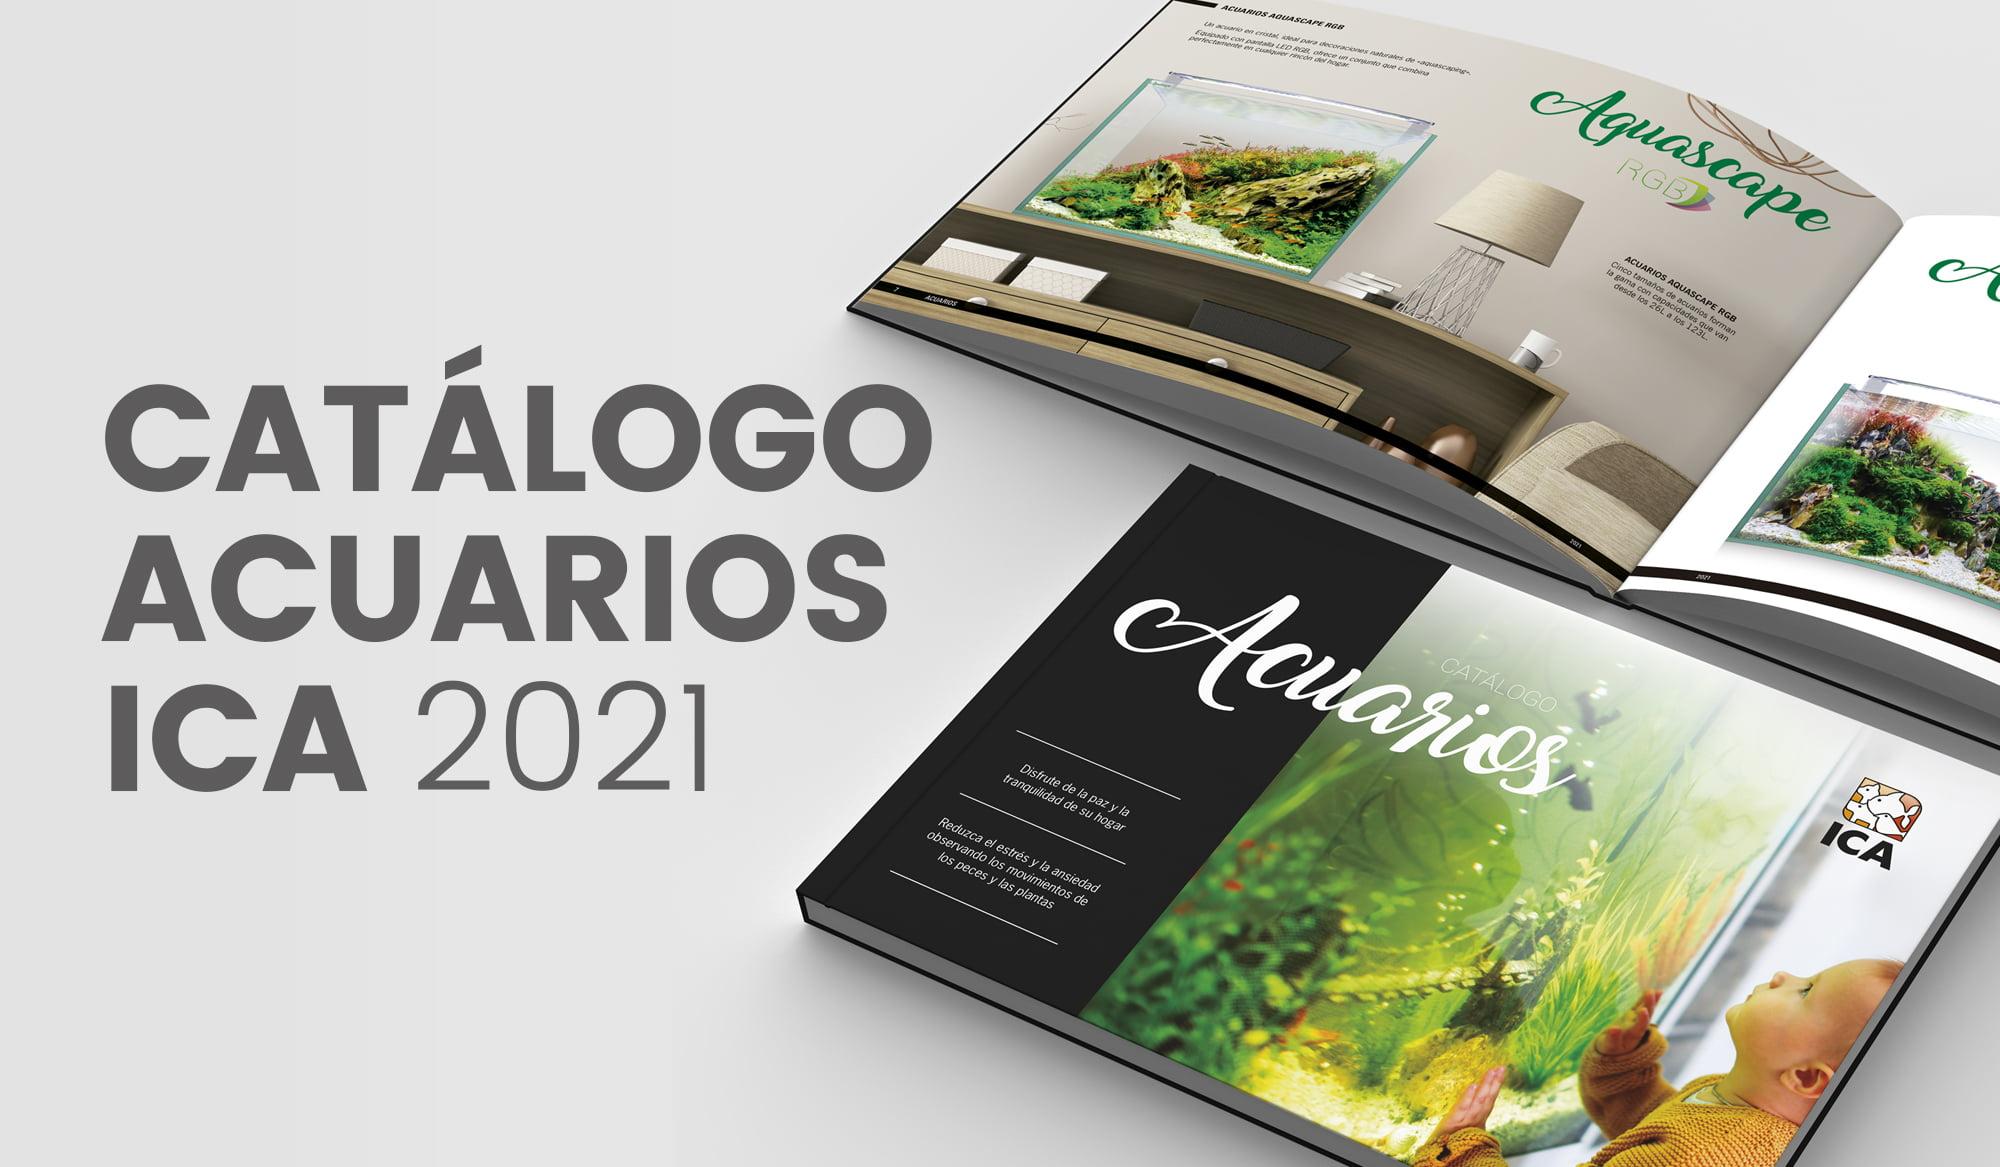 Nuevo Calálogo de acuarios ICA 2021